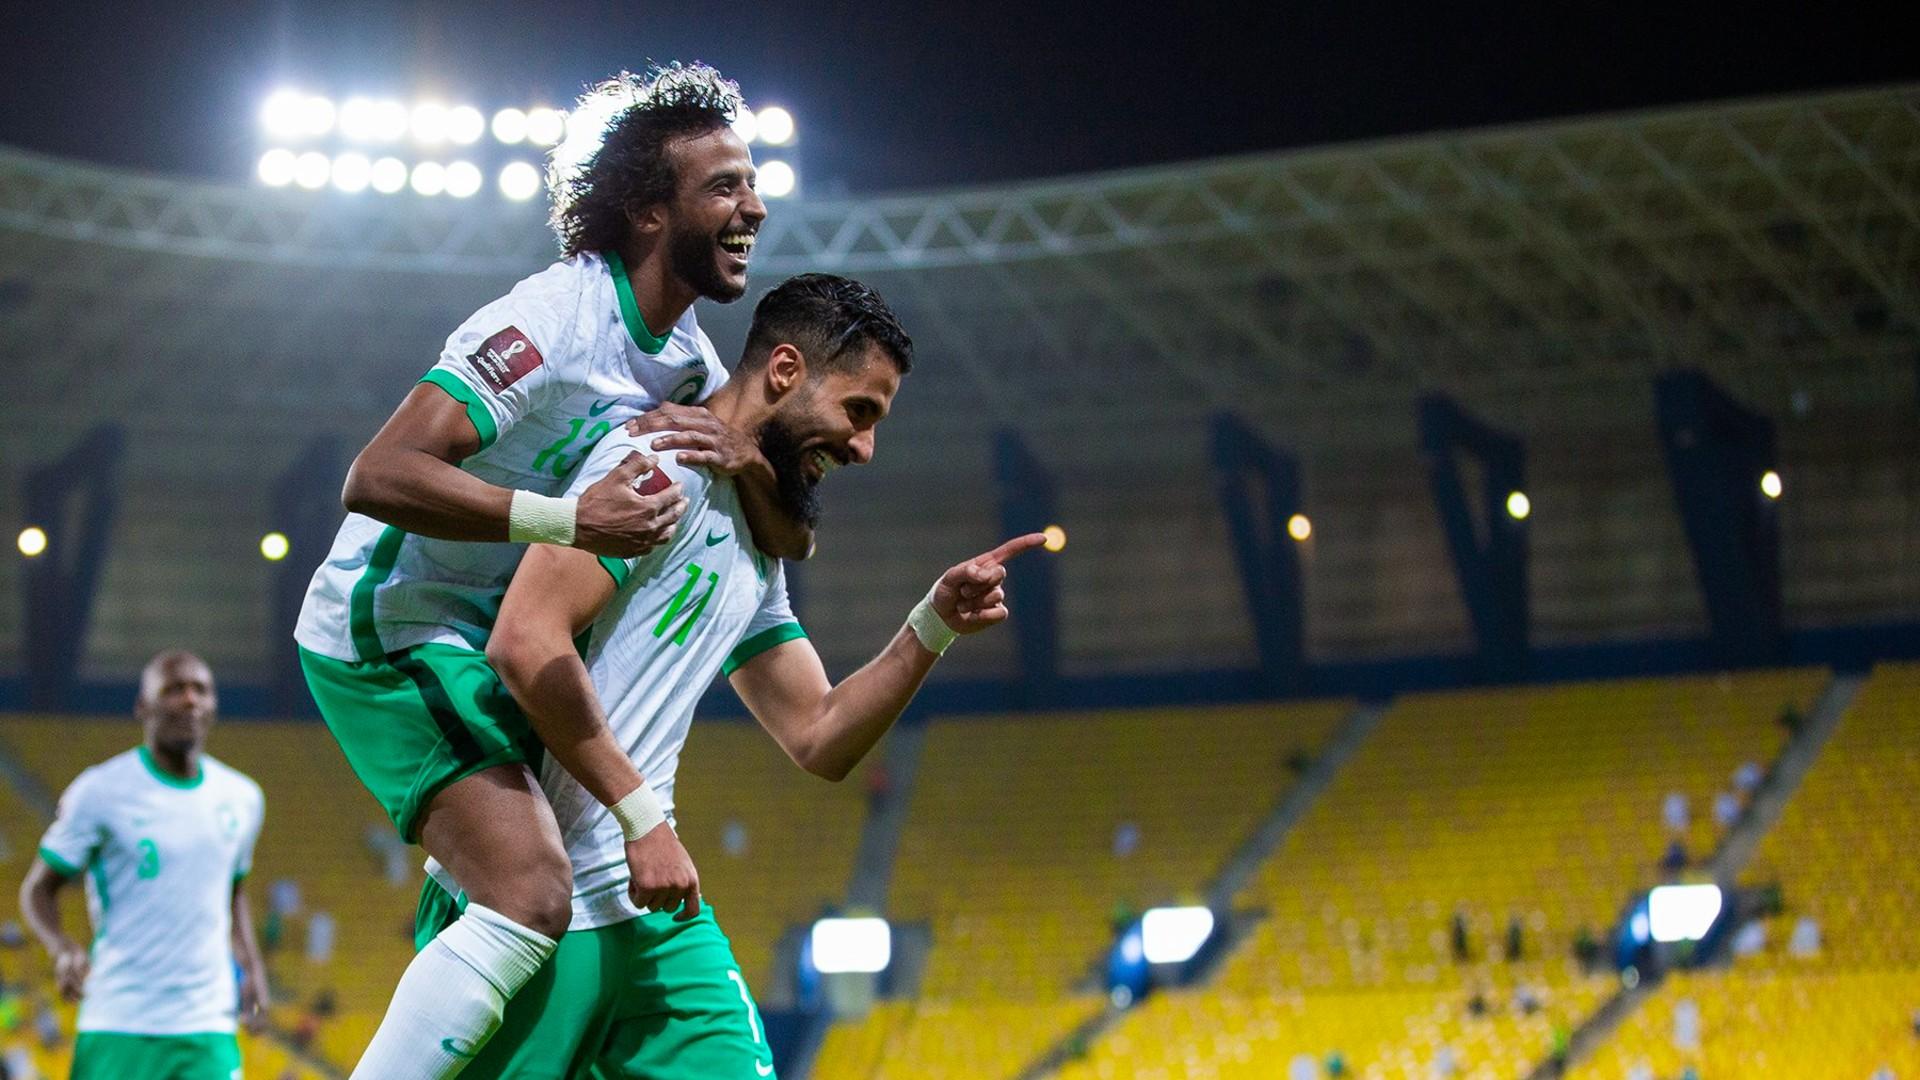 عدد مرات فوز المنتخب السعودي بكأس آسيا